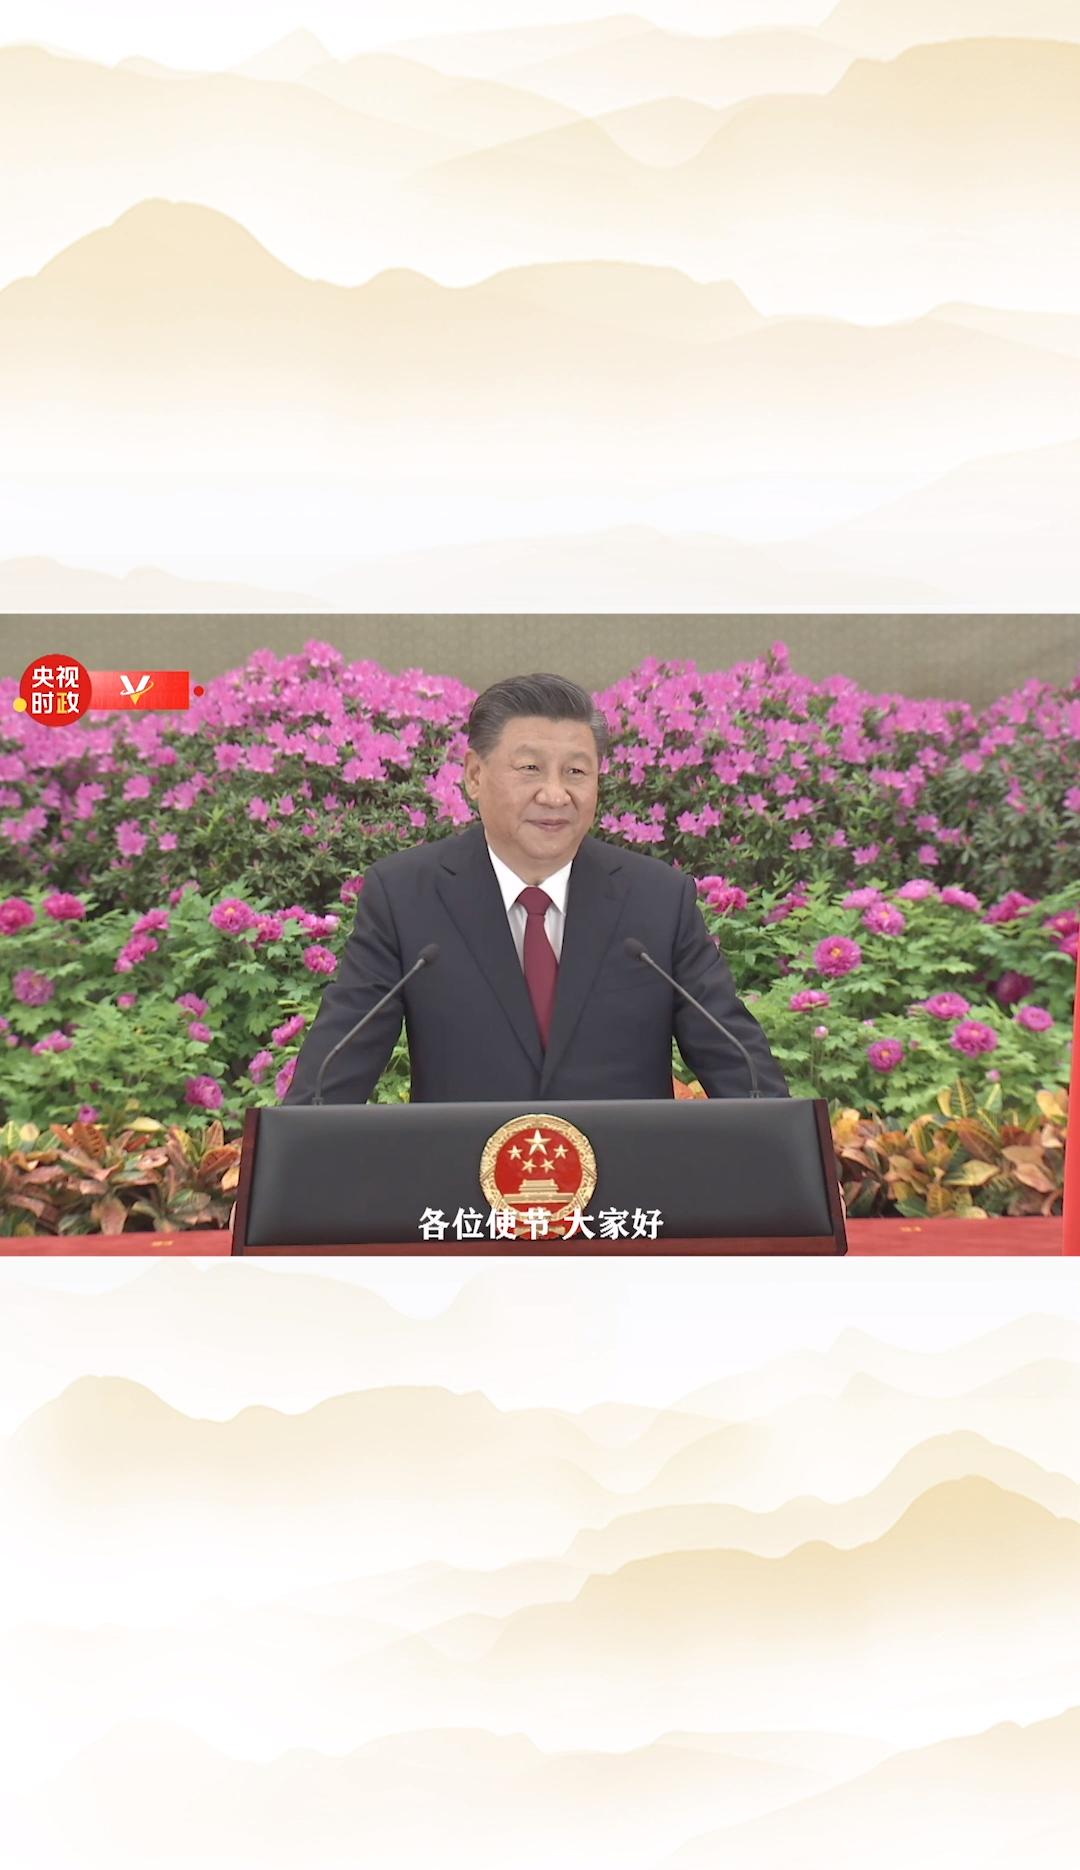 央视新闻: 感受现场:习近平接受外国新任驻华大使递交国书。